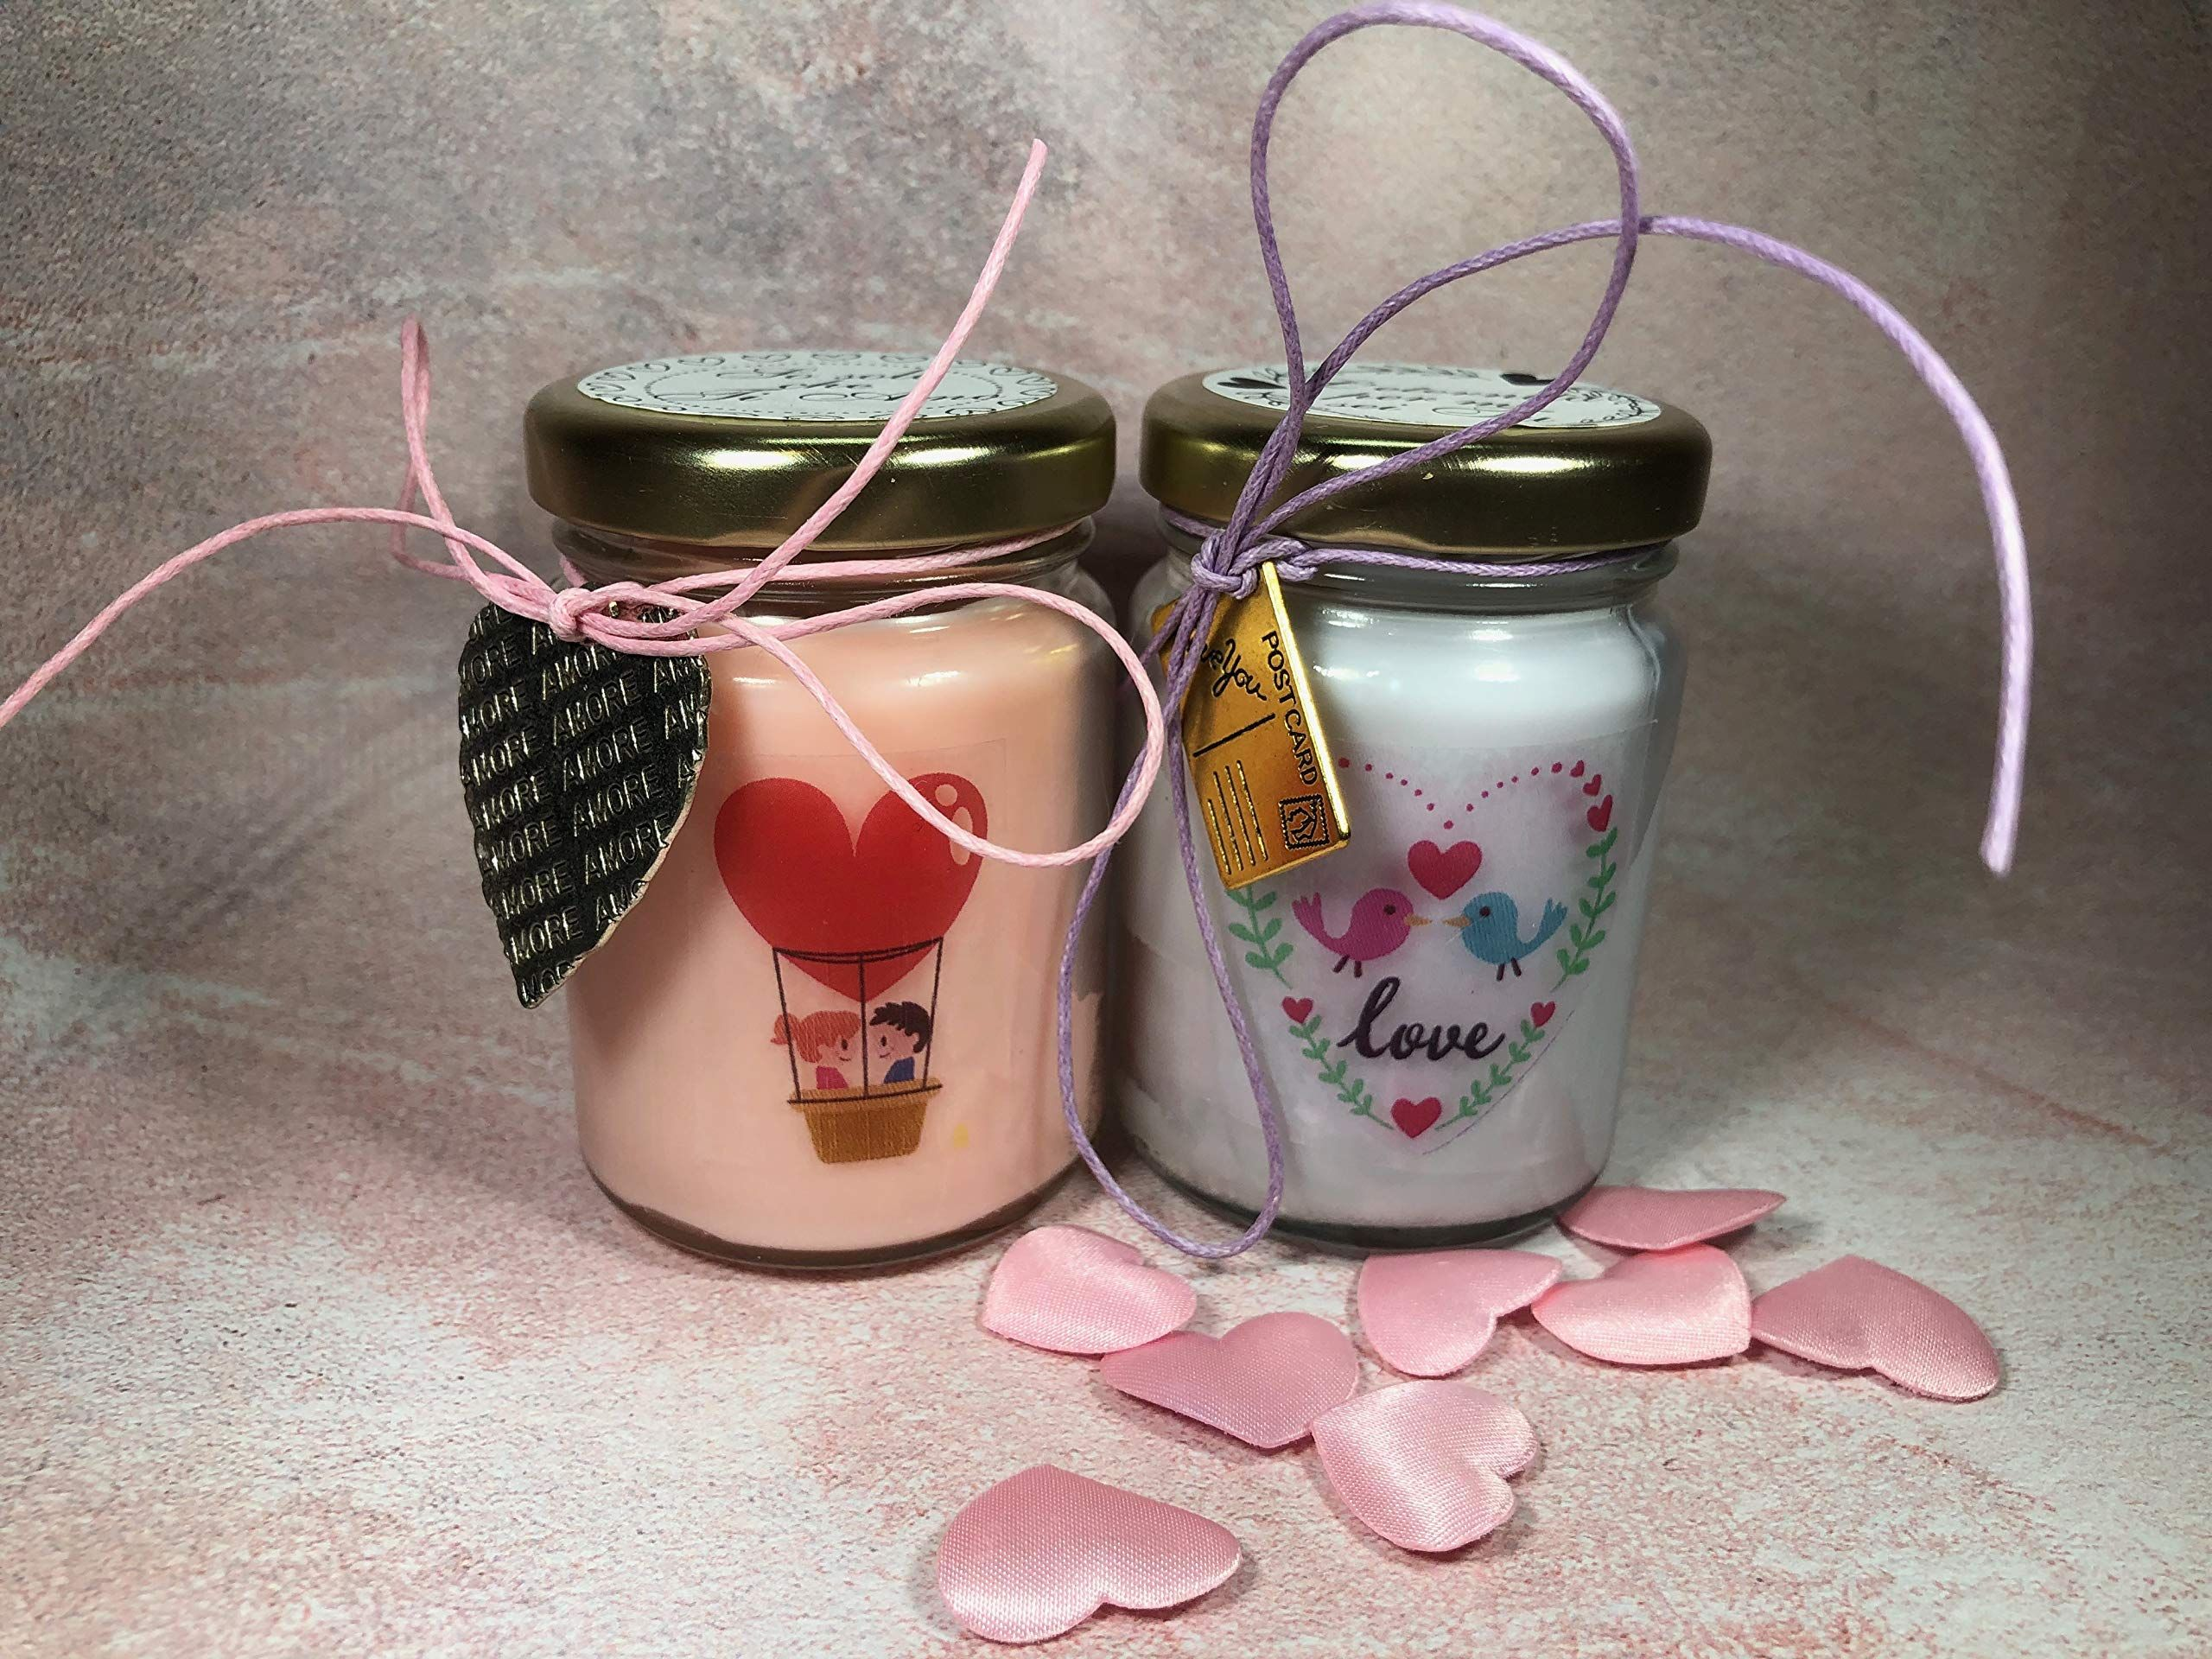 Regalo Anniversario Matrimonio Zii.Ti Amo Frasi D Amore 2 Vasetti Con Candele Di Cera Di Soia E Oli